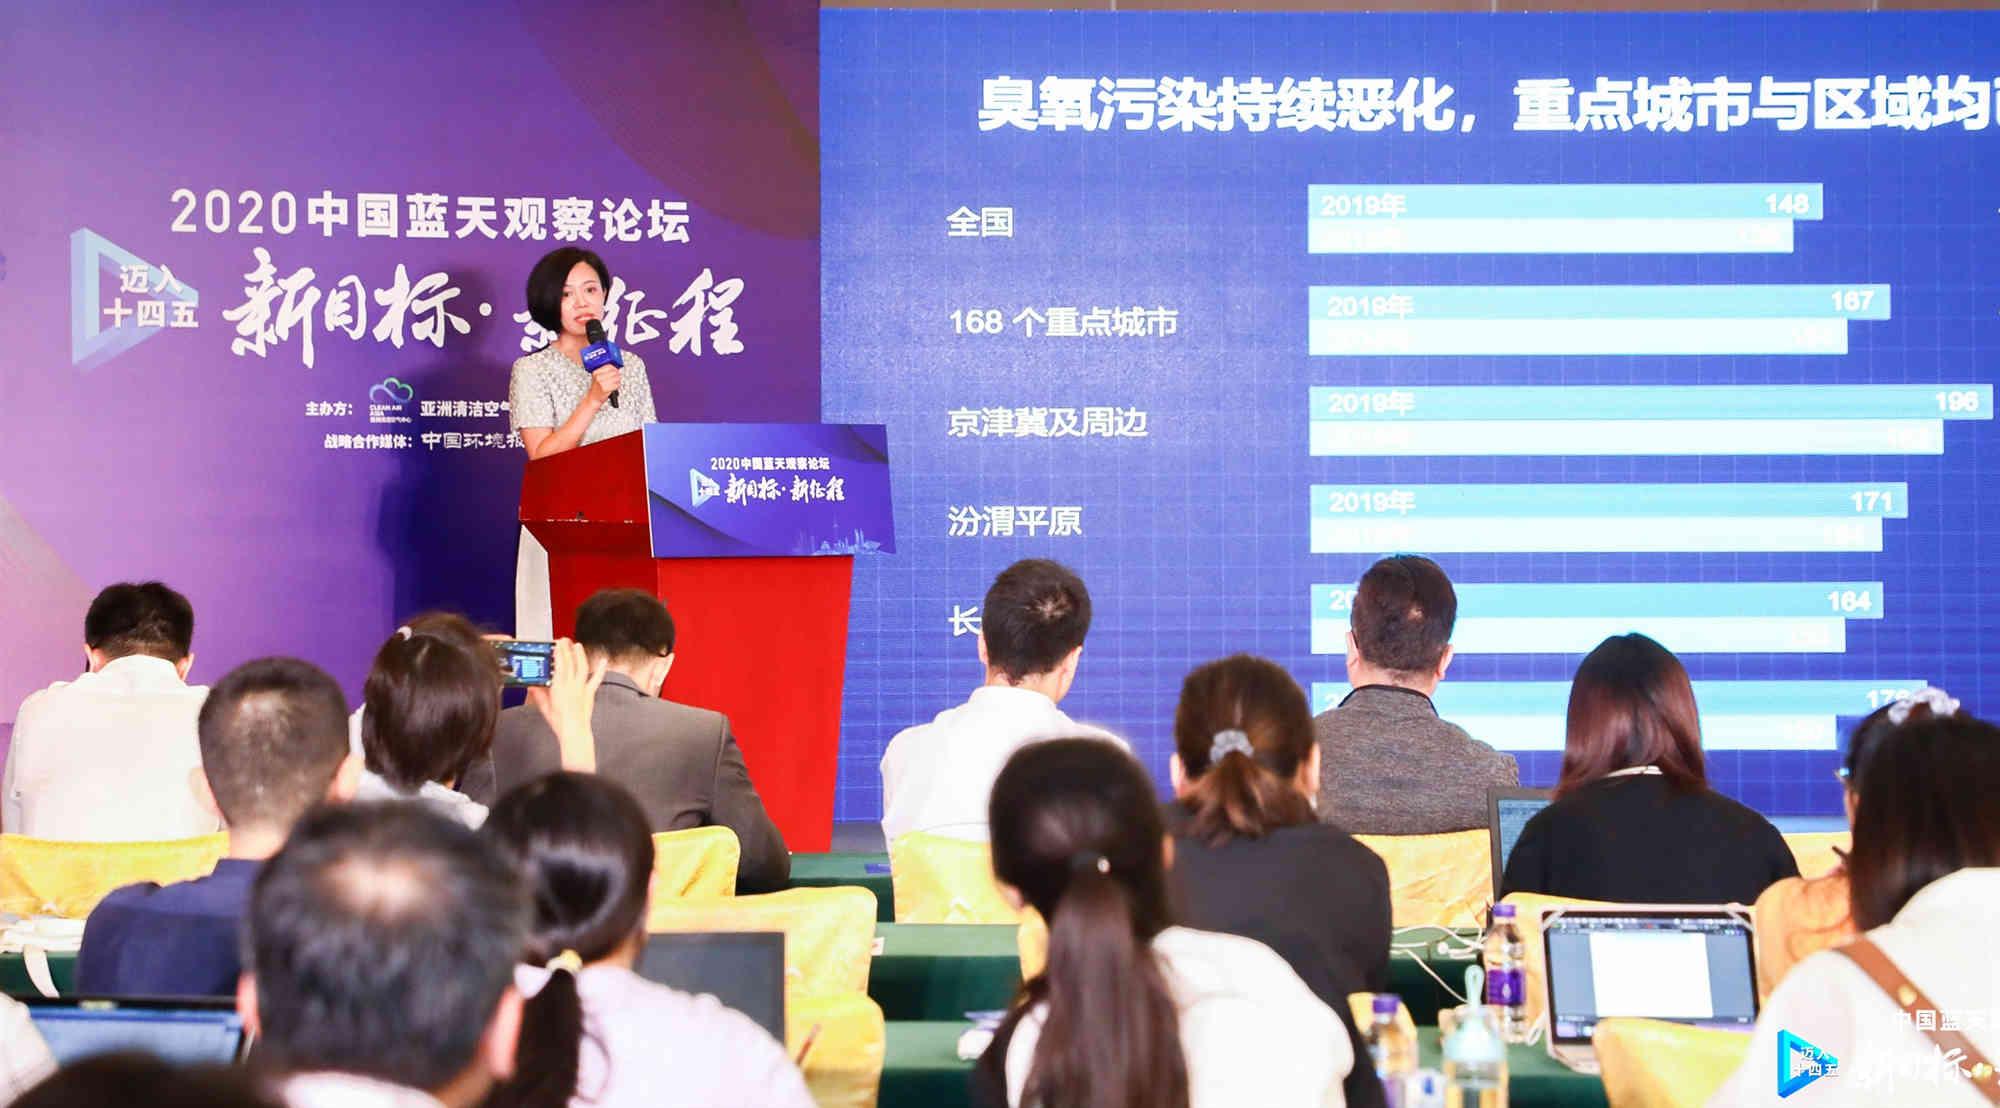 《大气中国2020》发布:中国空气质量改善整体放缓,银川获综合评分第一